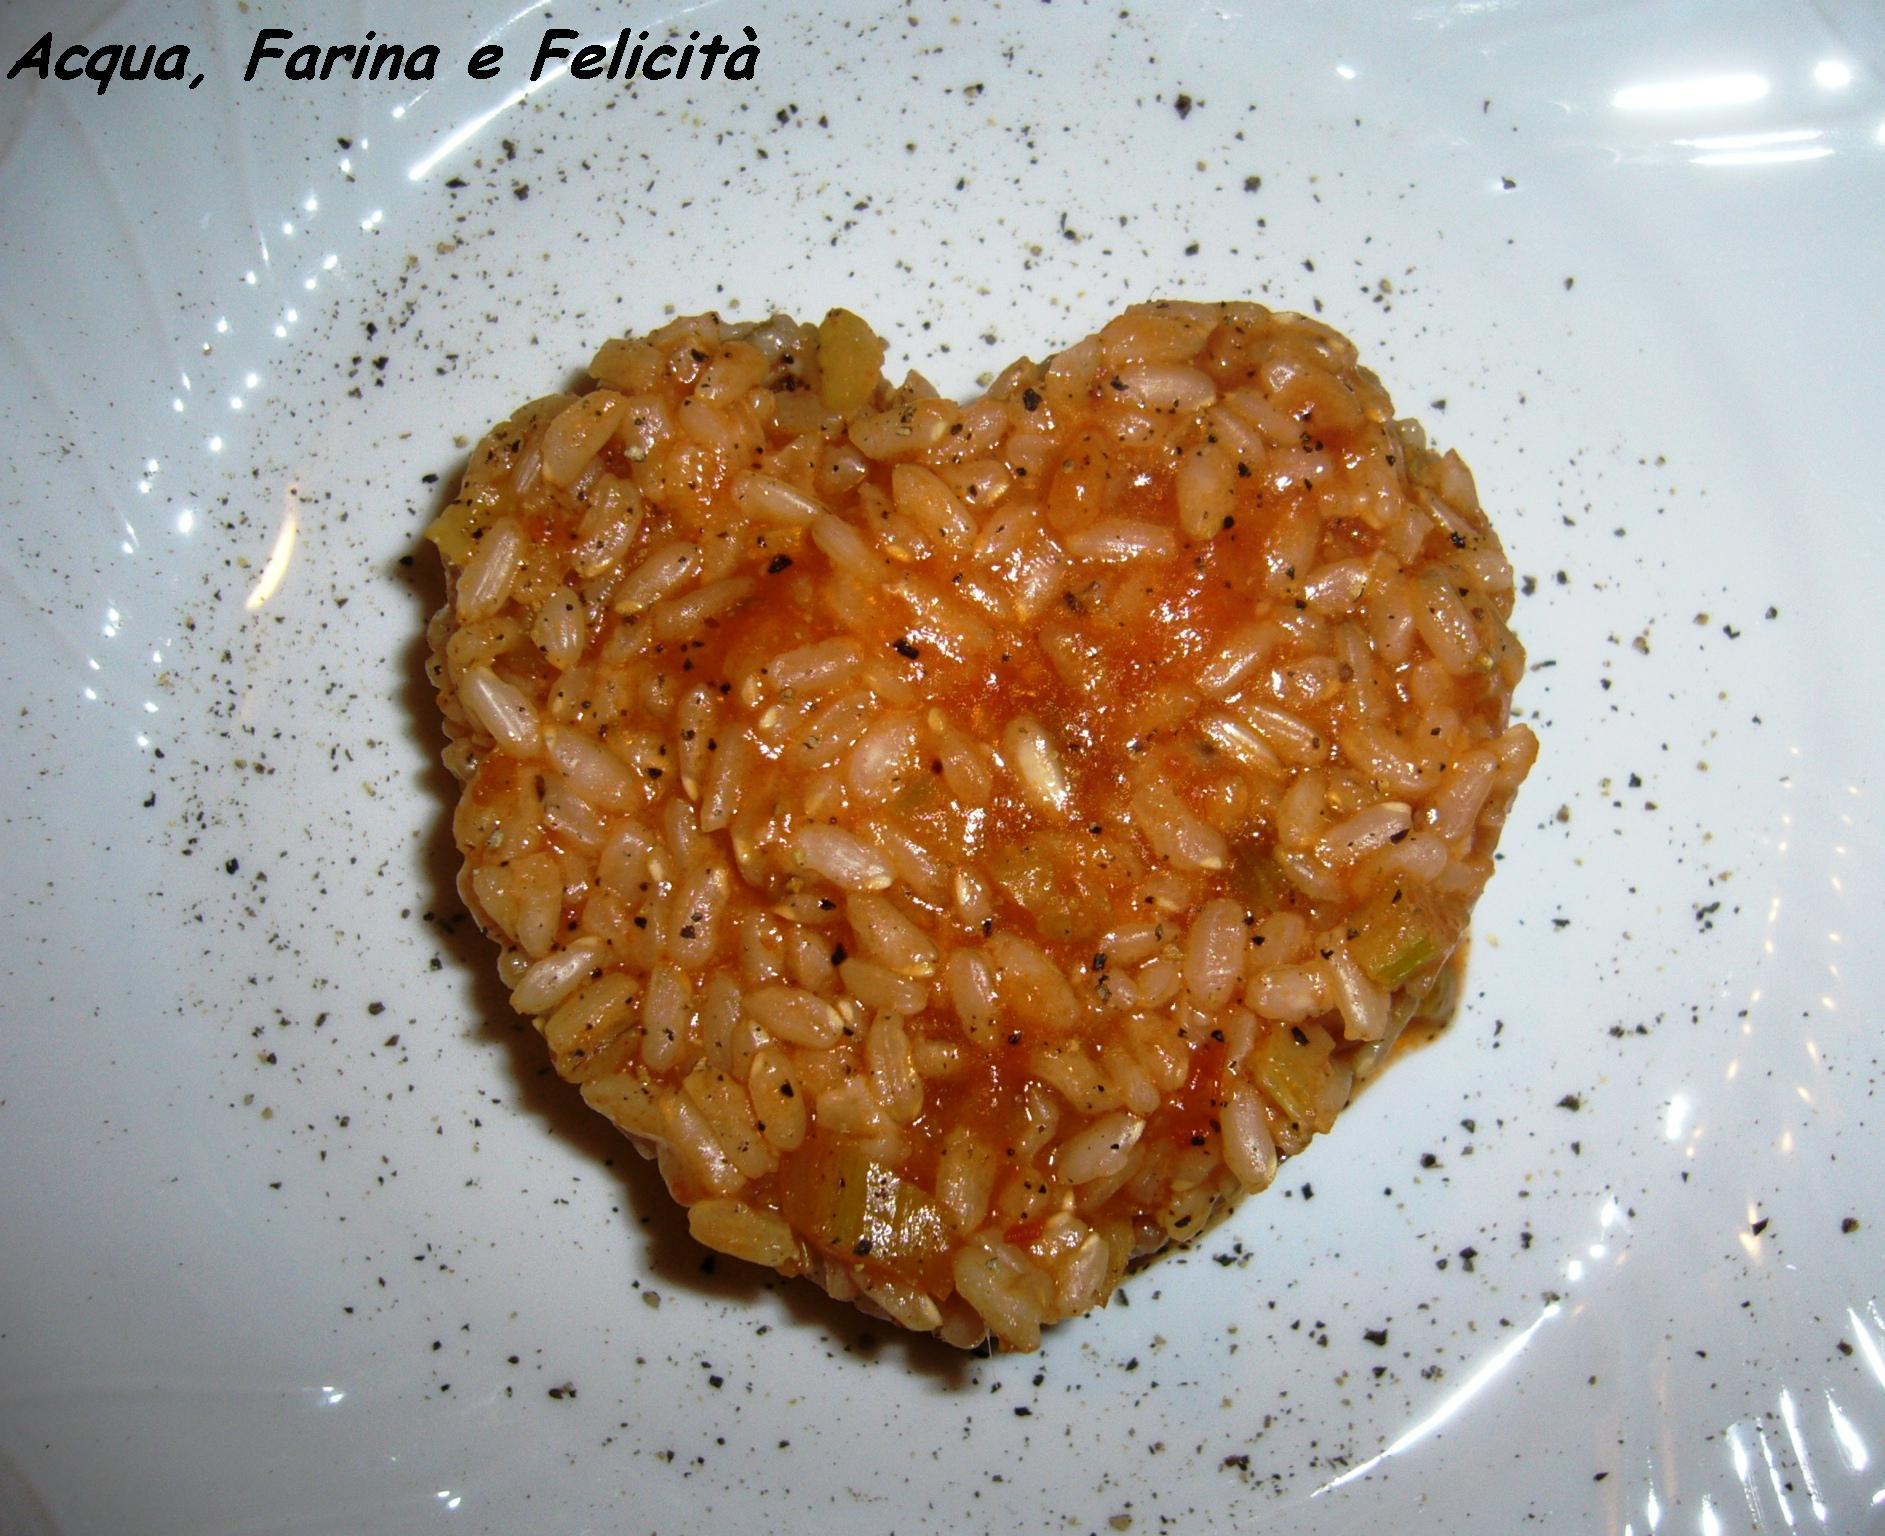 Risotto Rosso con Pomodoro, Sedano e Acciughe | Acqua, Farina e ...